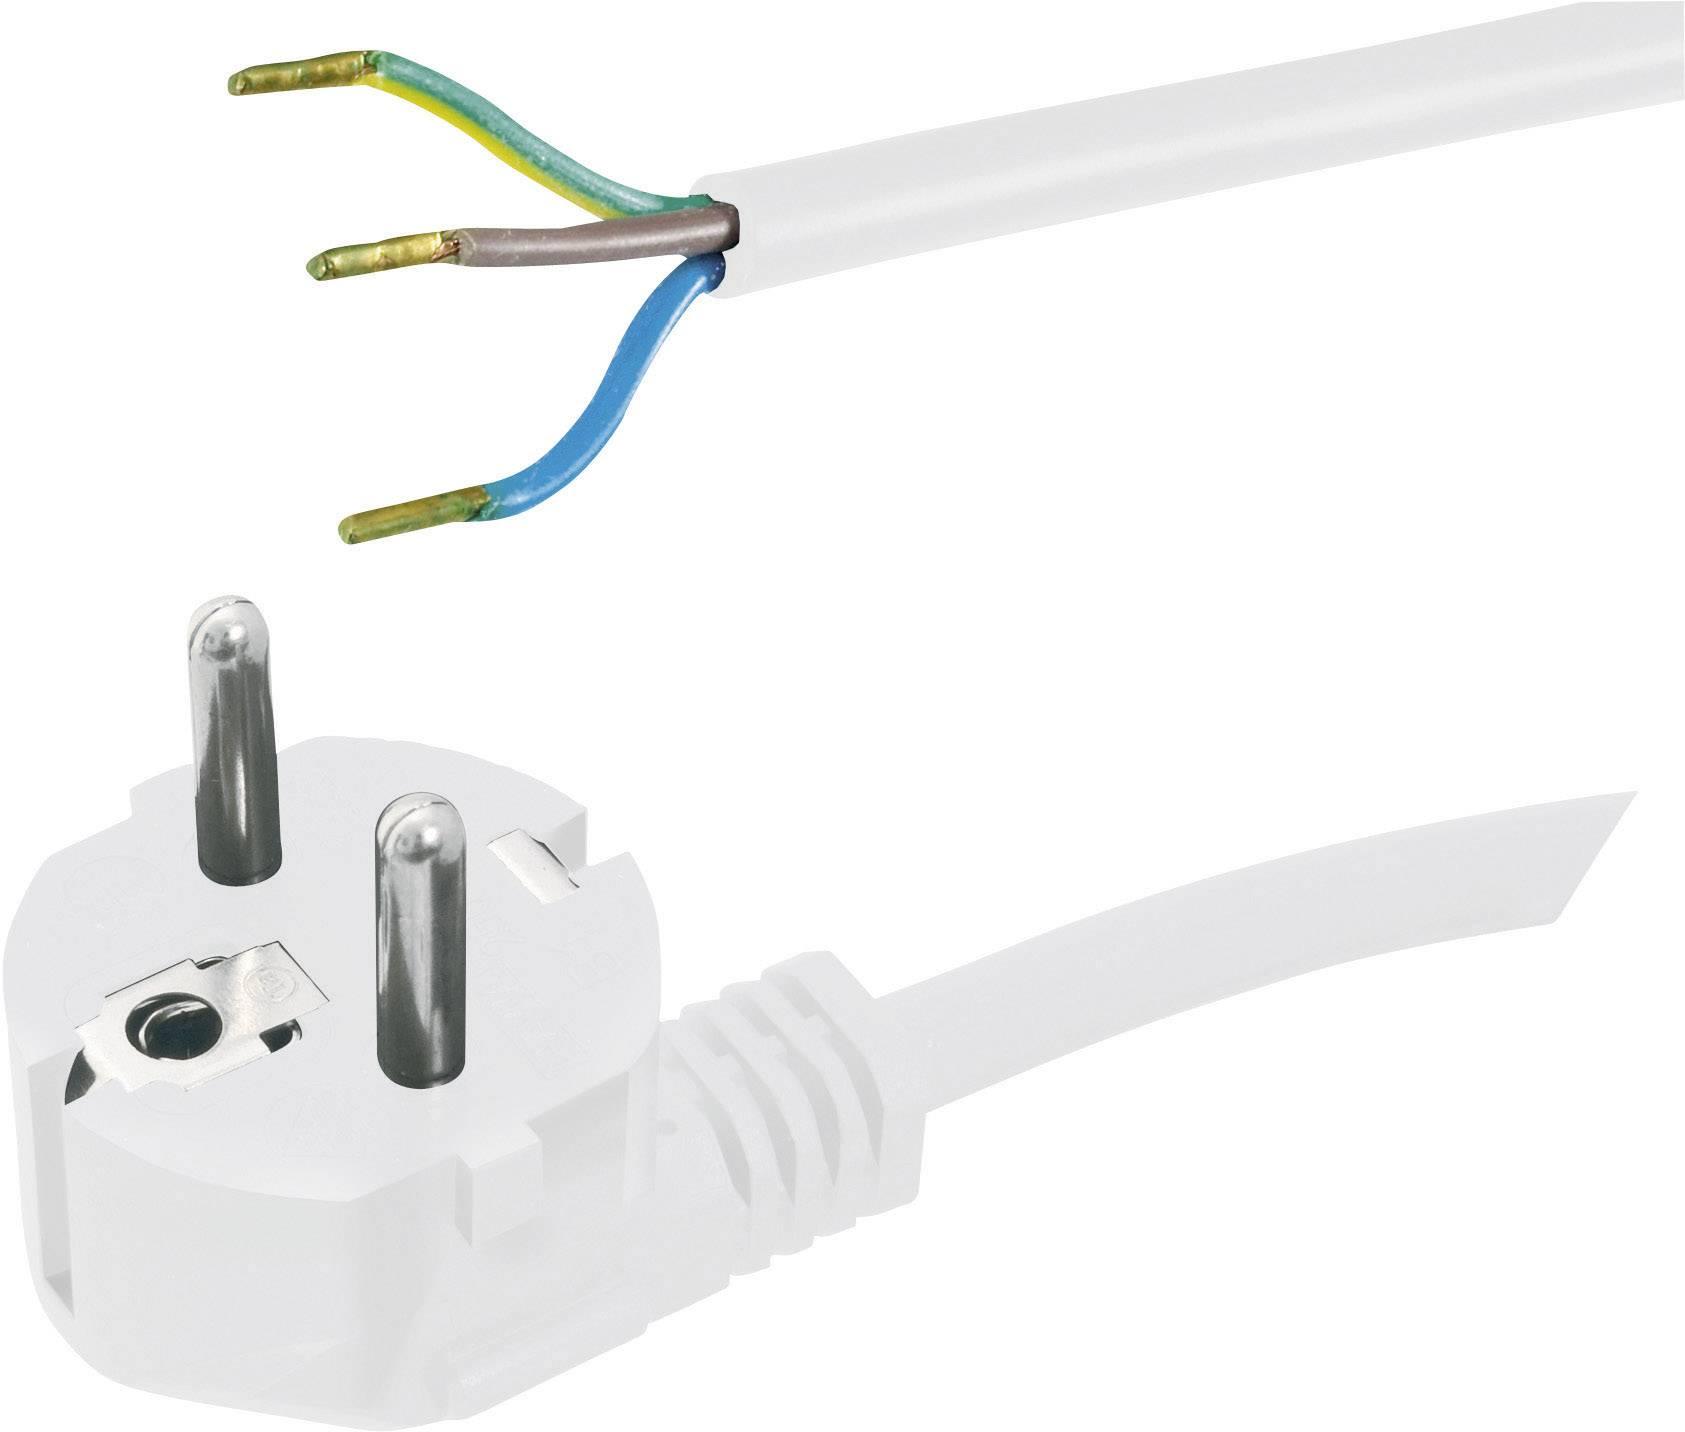 Síťový kabel Hawa, zástrčka/otevřený konec, 0,75 mm², 1,5 m, bílá, 1008209